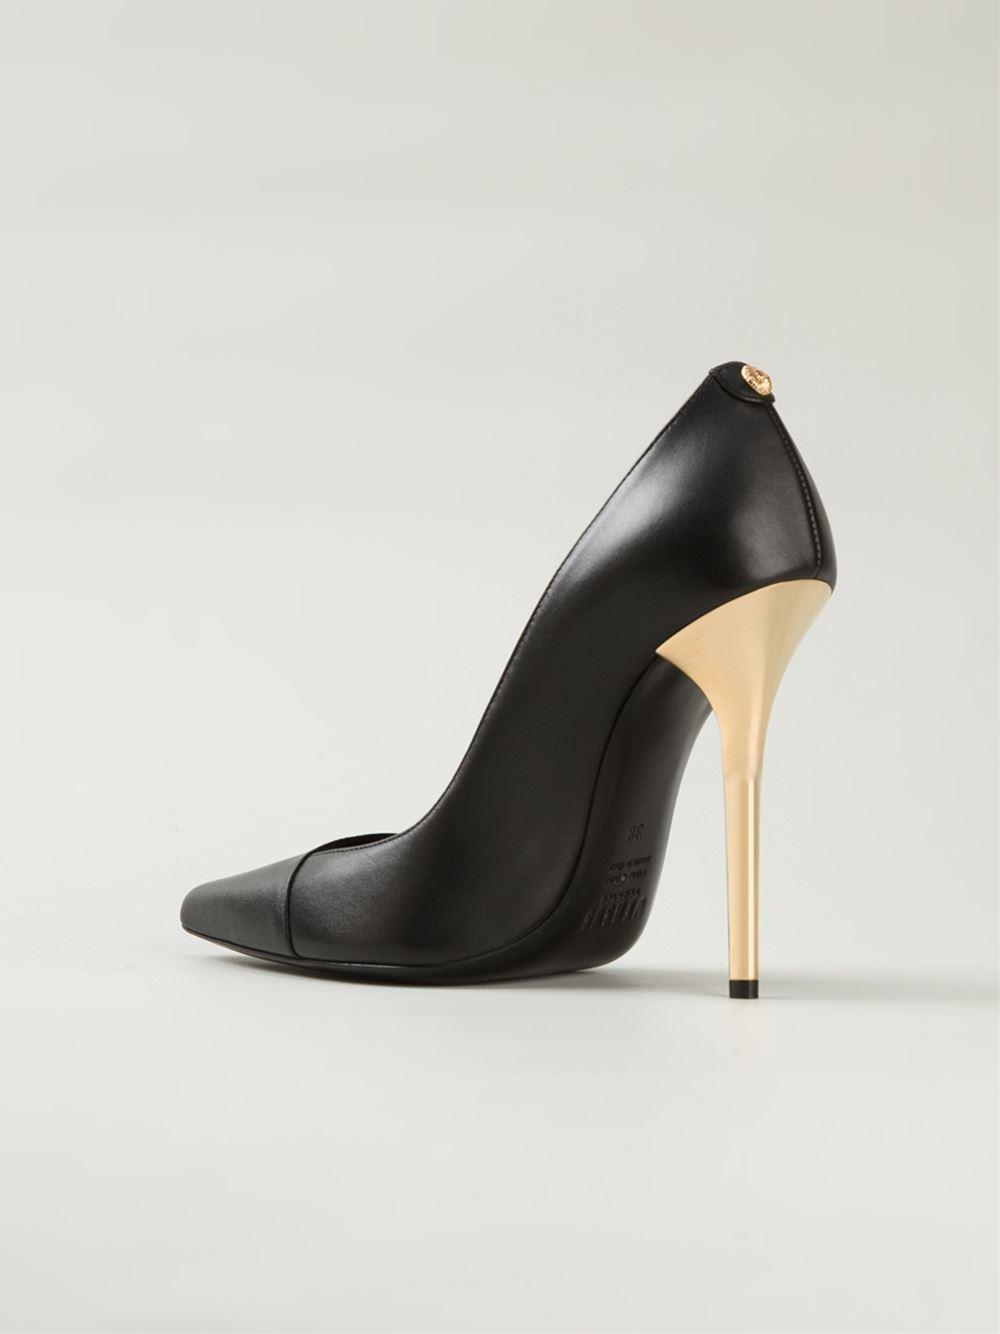 Lyst - Versus Gold Stiletto Heel Pumps in Black